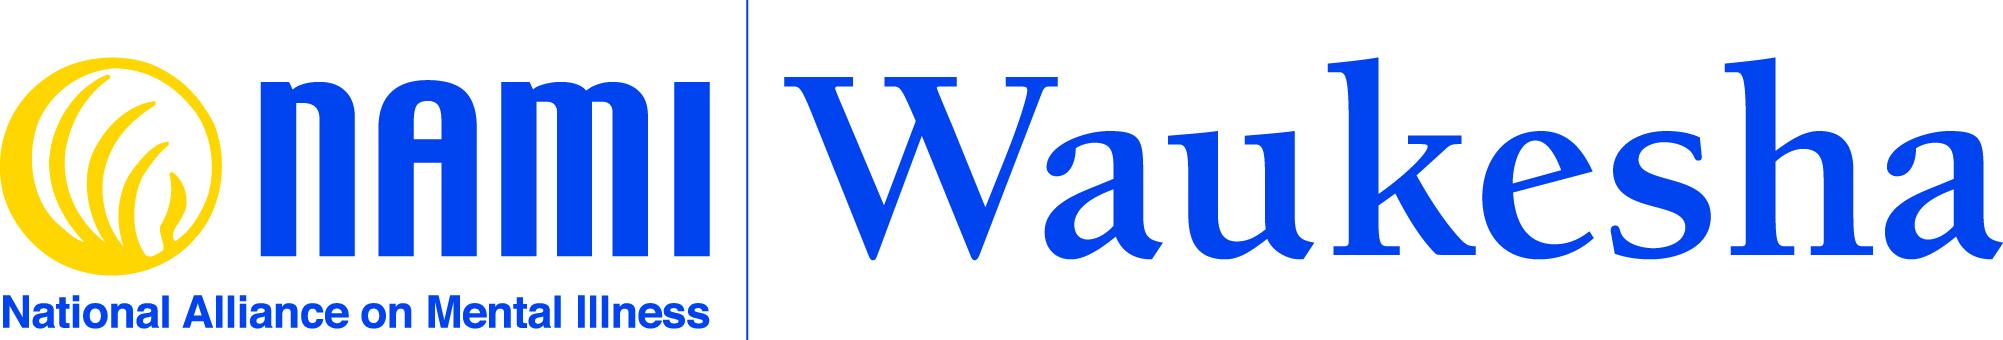 NAMI Waukesha 3-2017.jpg